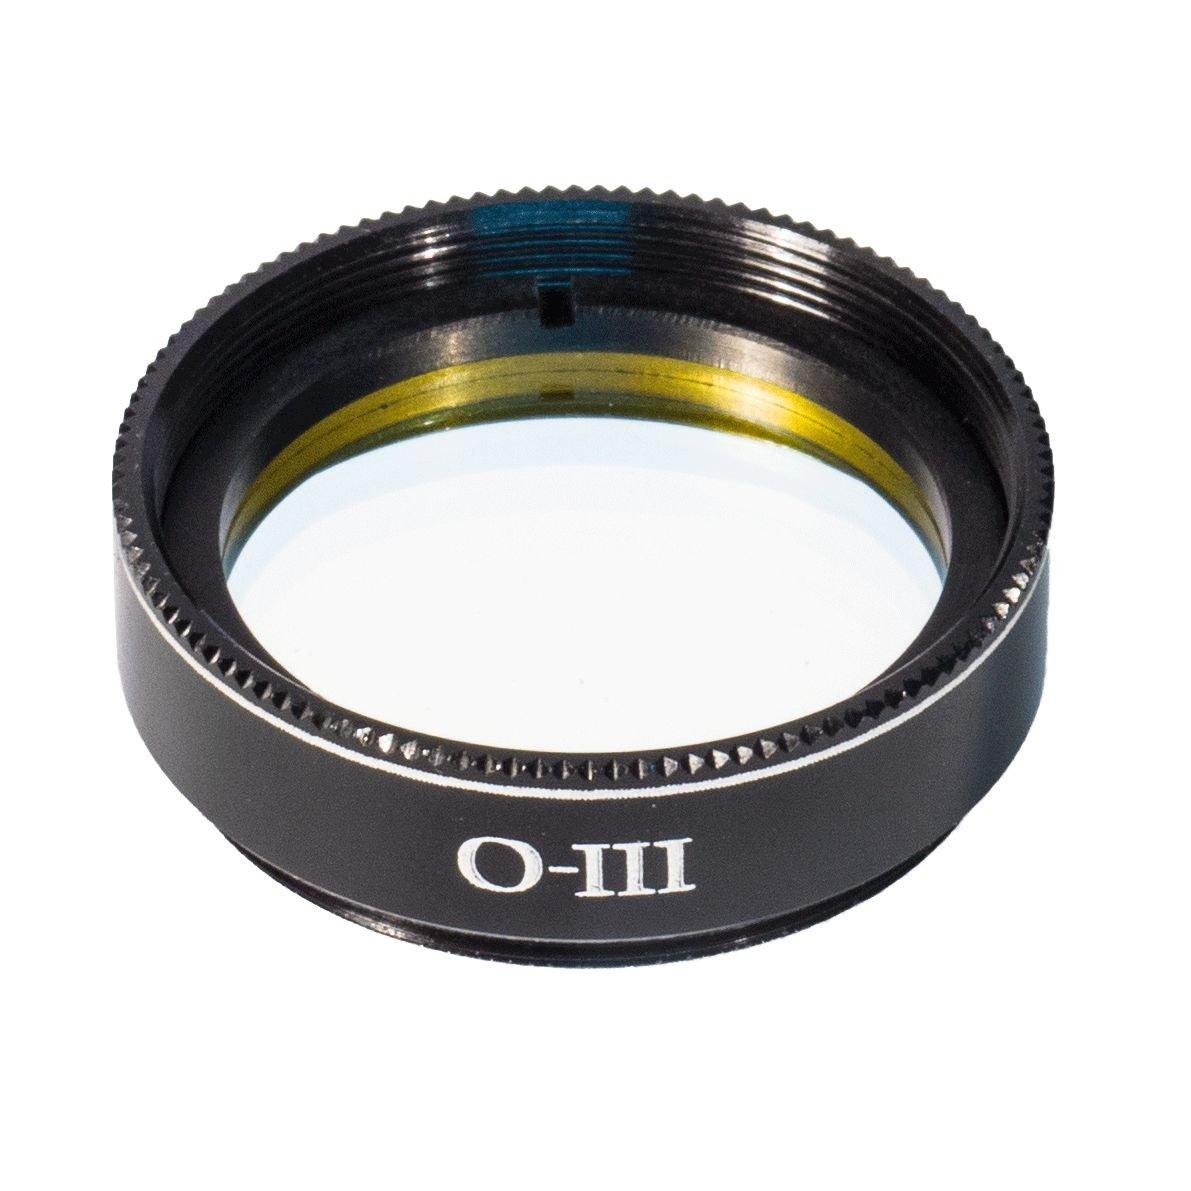 'Filtro Ossigeno III, /OIII) 10 nm di 1, 25 –  bcrown /OIII) 10nm di 1 25-bcrown B&Crown